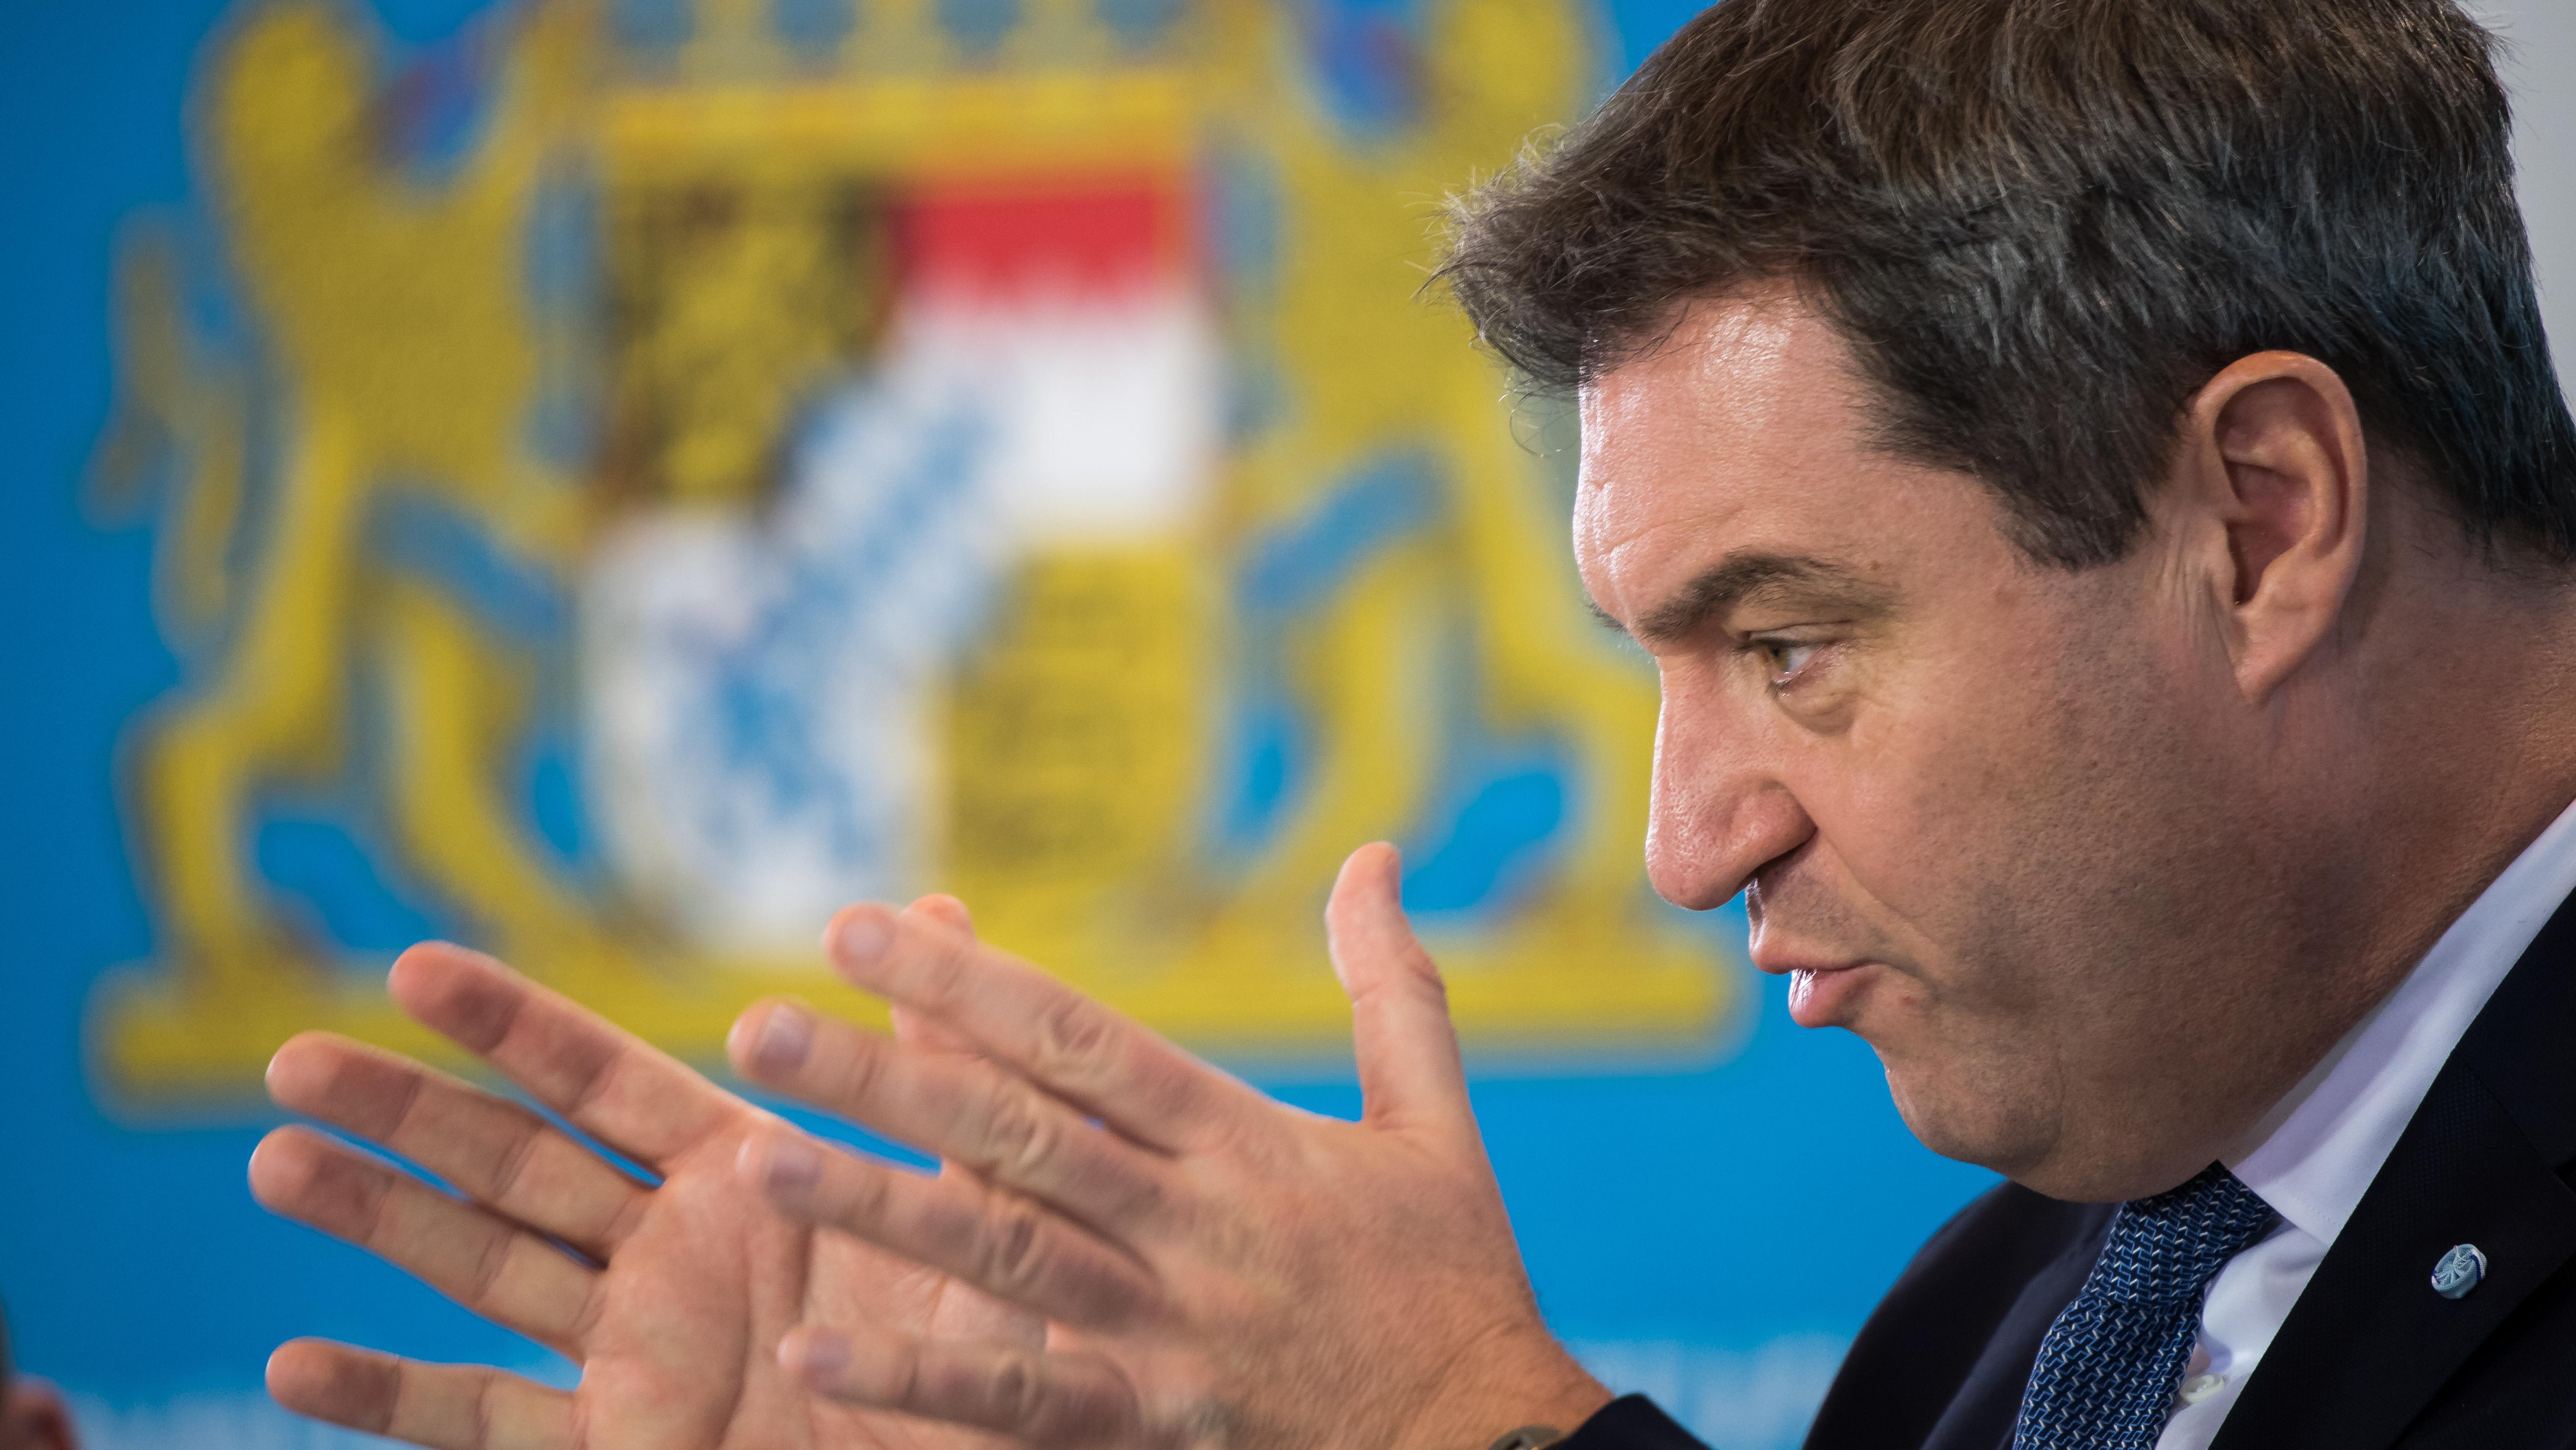 Ministerpräsident Markus Söder auf einer Pressekonferenz in der Staatskanzlei am 12.2.2019